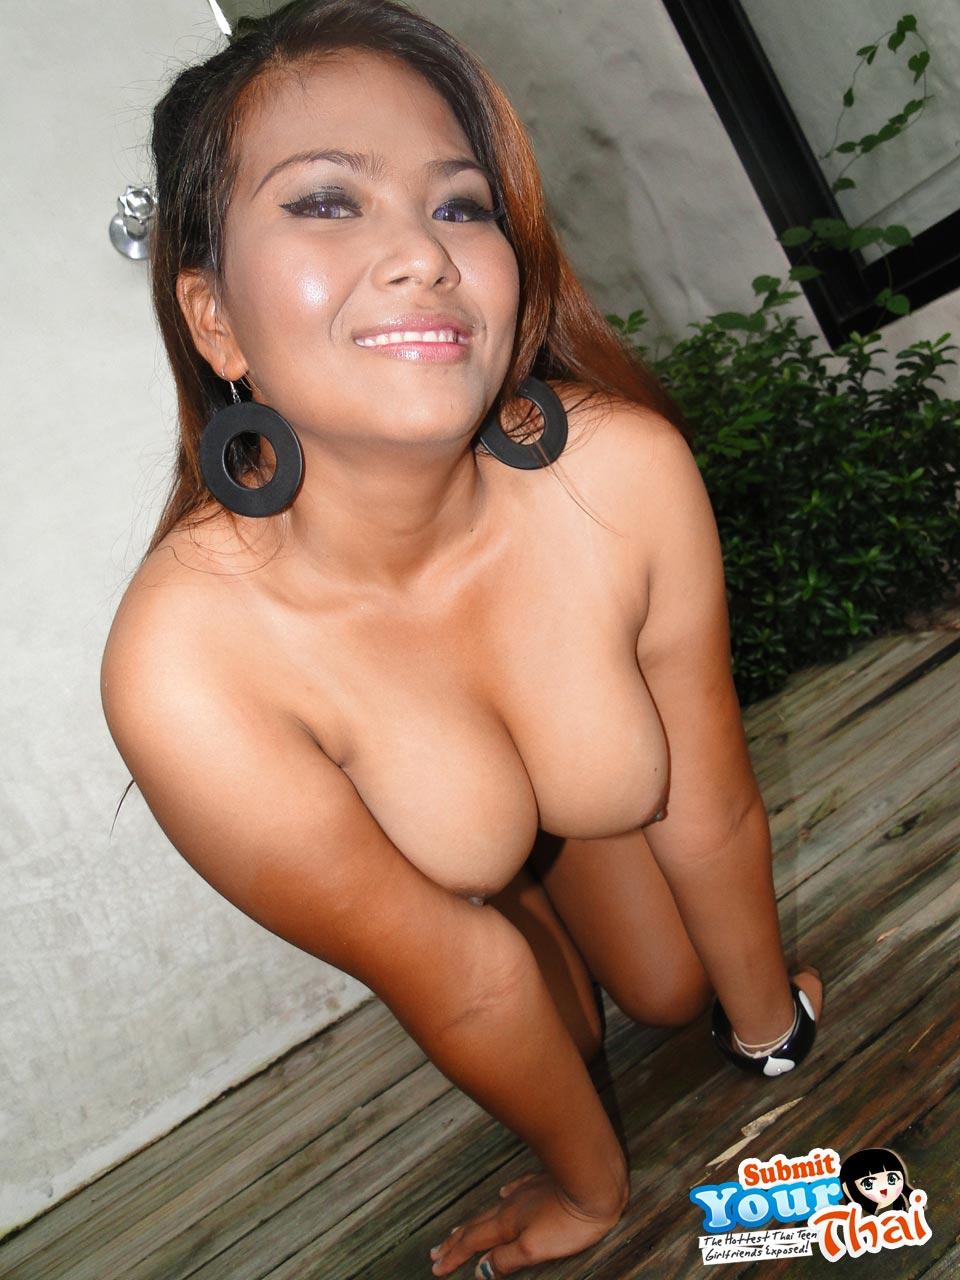 Sweet Faced Chubby Thai Girl With Nice Boobs  Asian Porn -1887